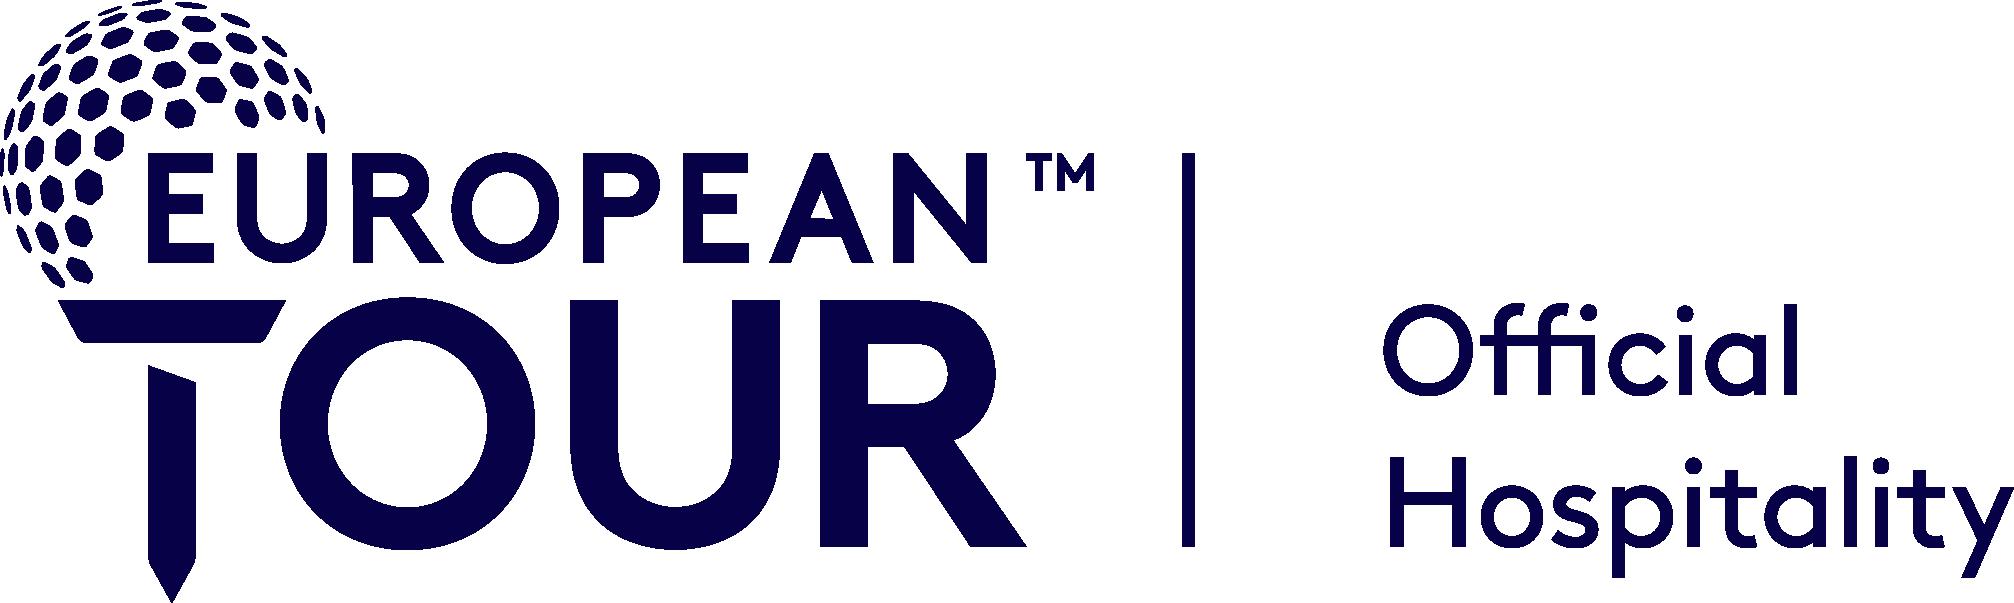 European Tour Hospitality